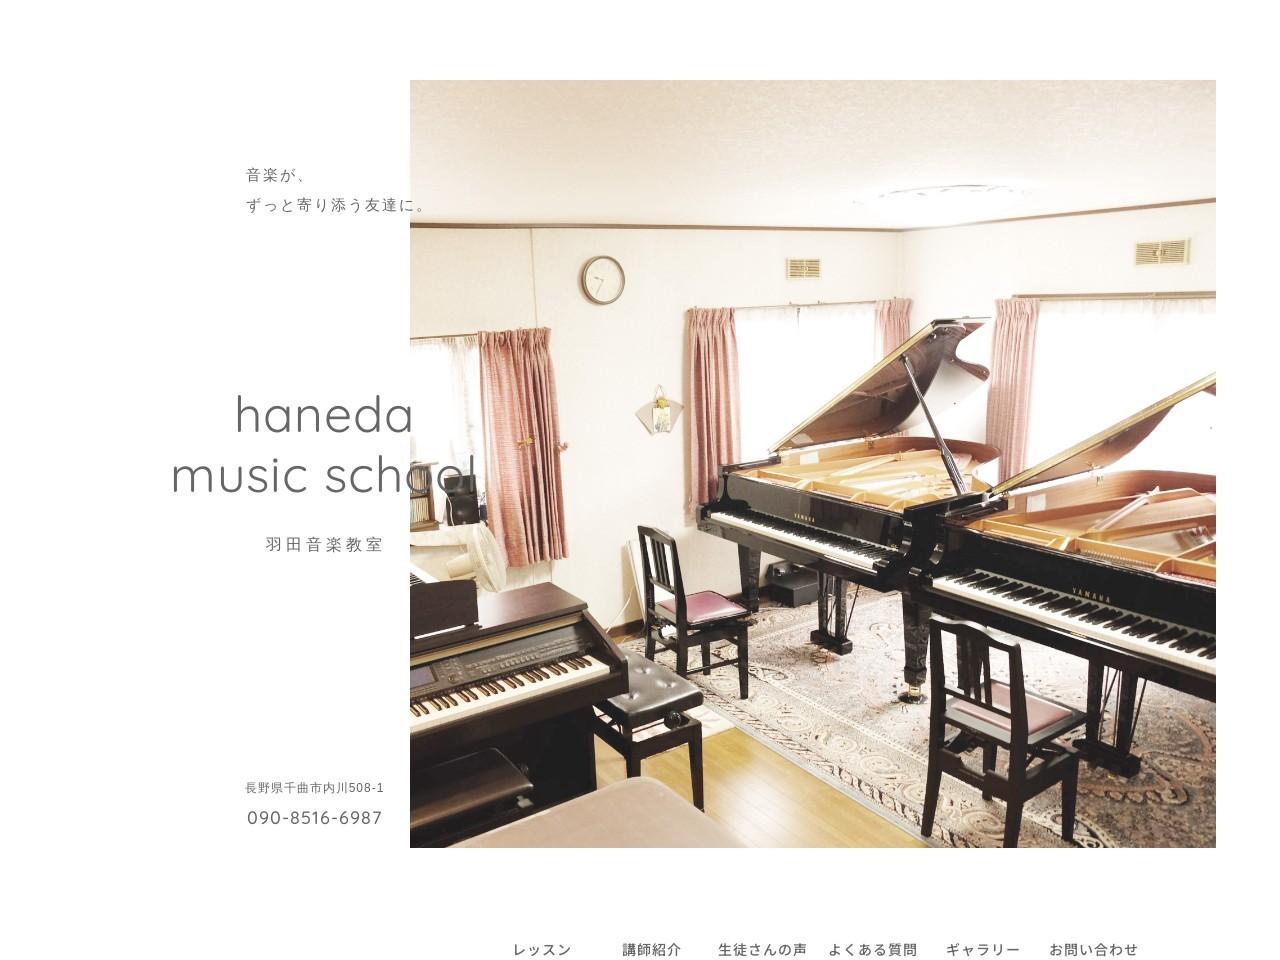 羽田音楽教室のサムネイル